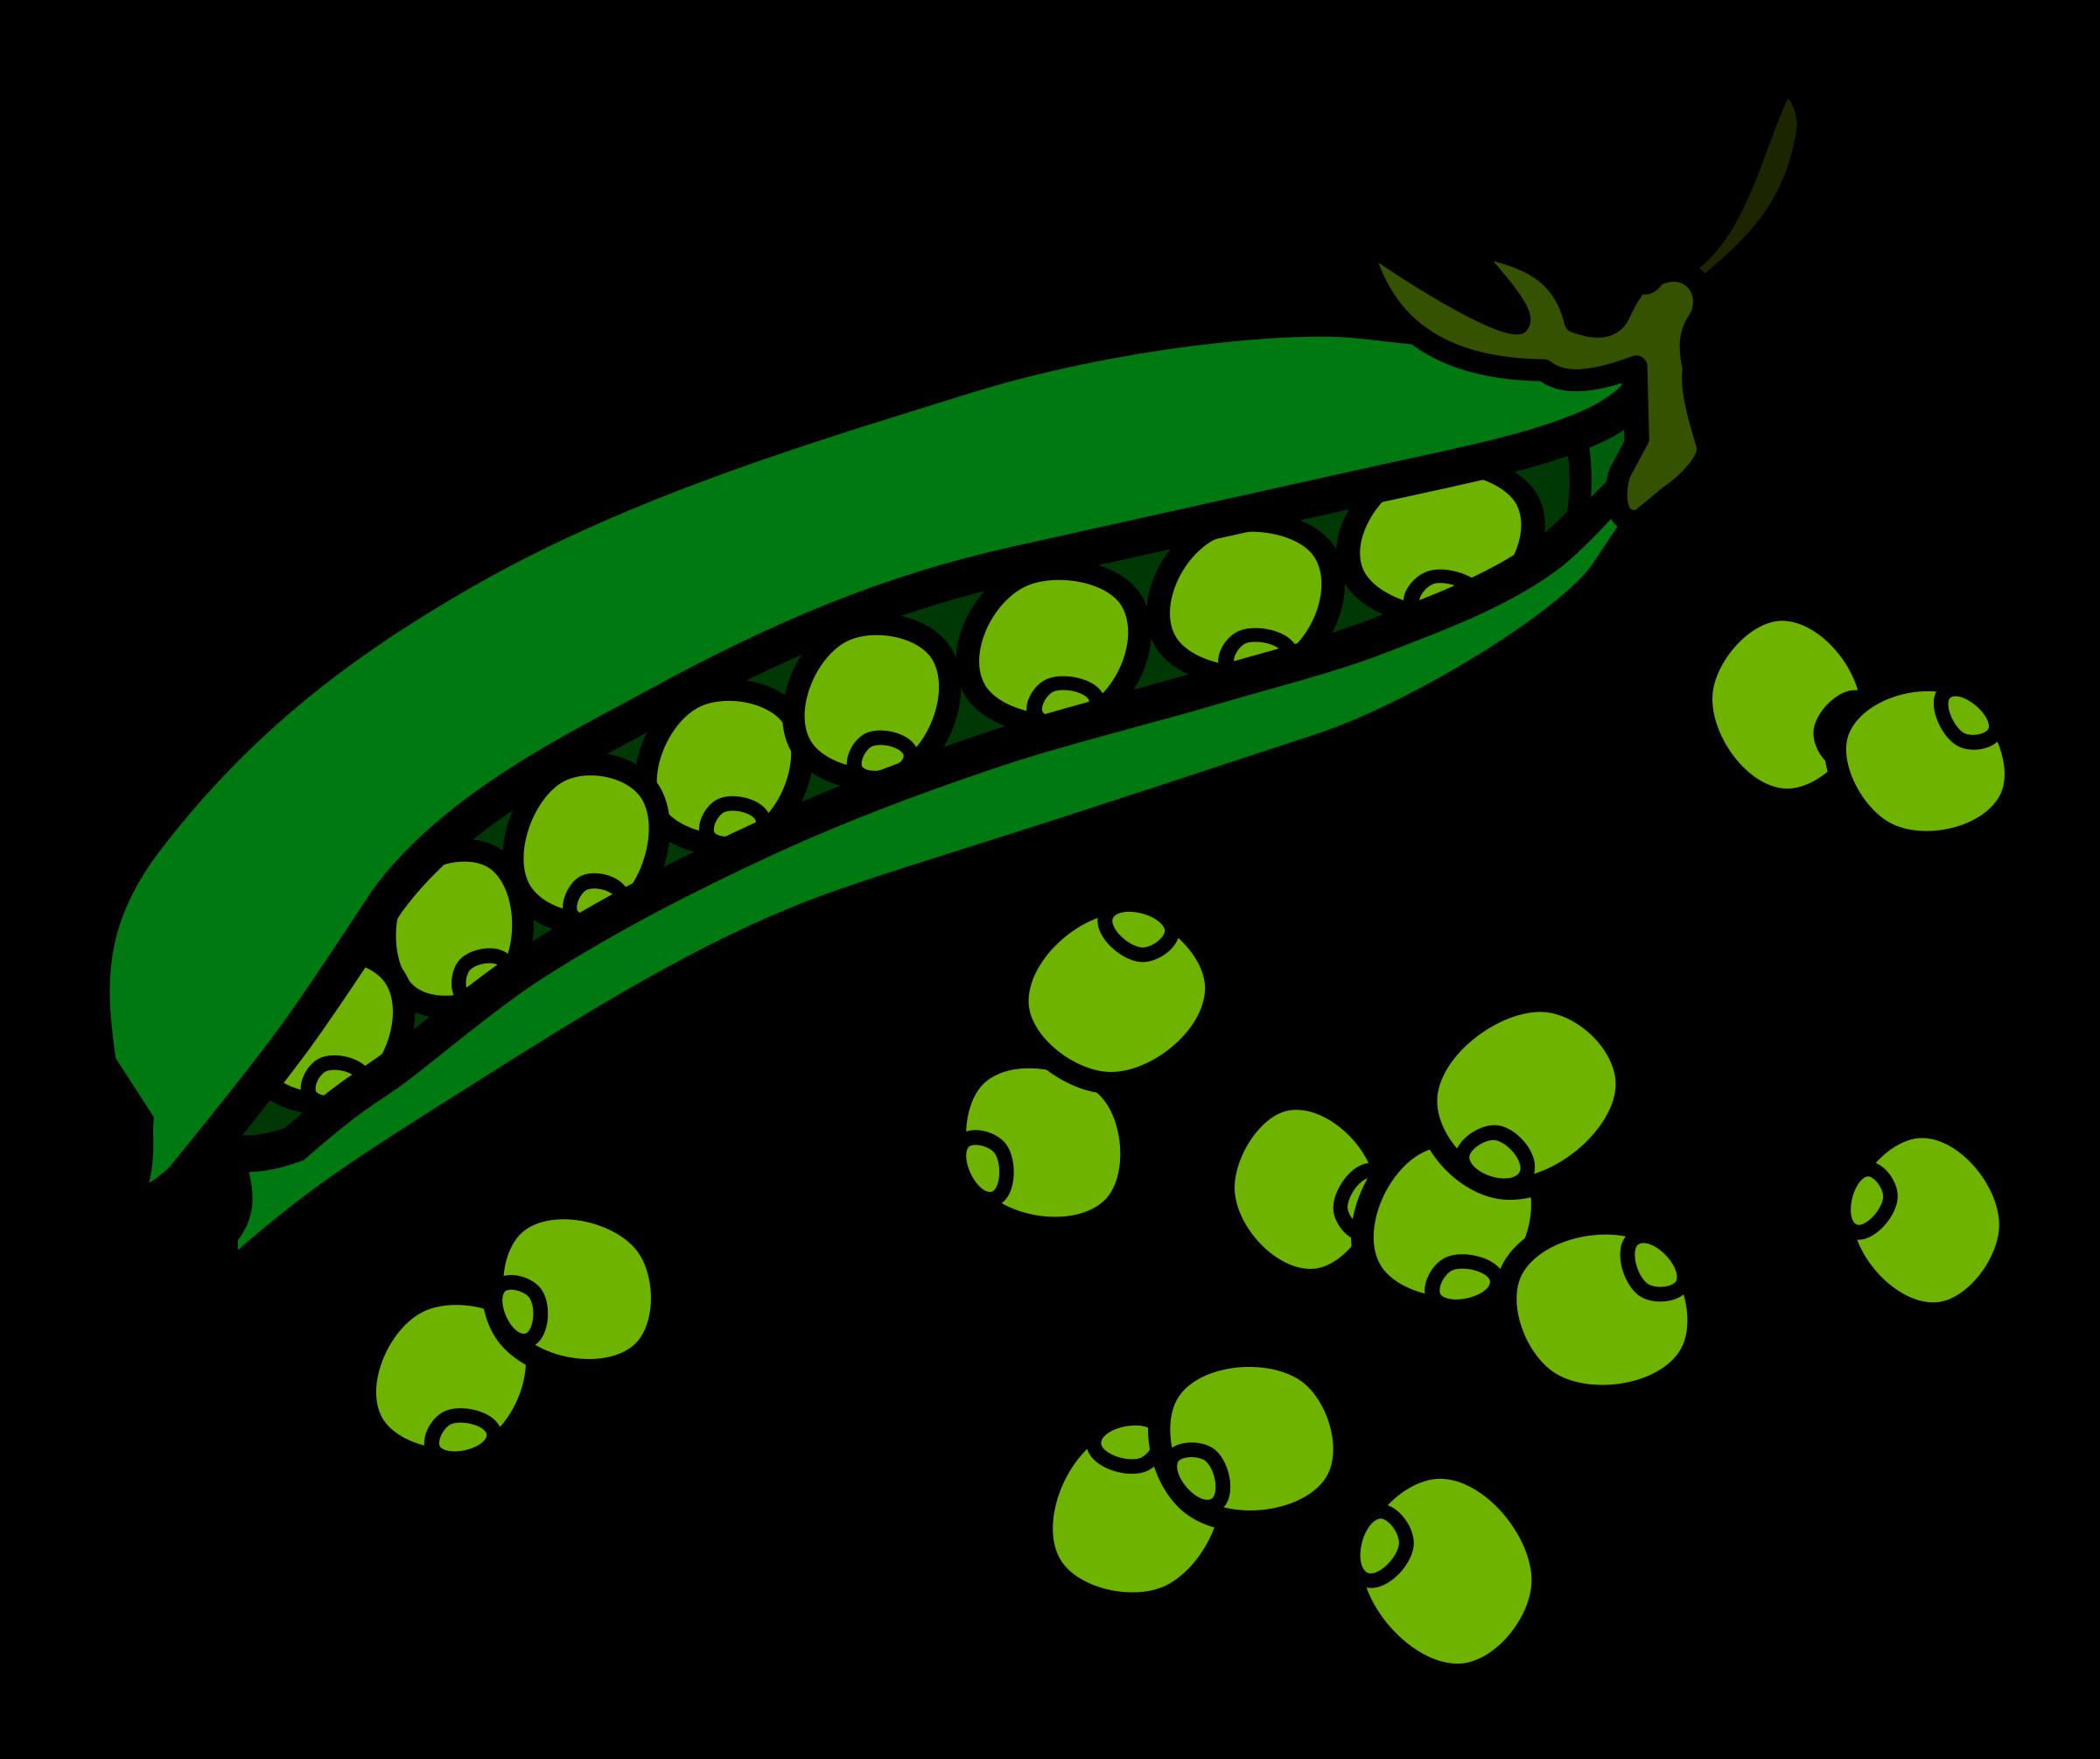 Pea clipart cute Clipart Peas Clipartwork Peas art